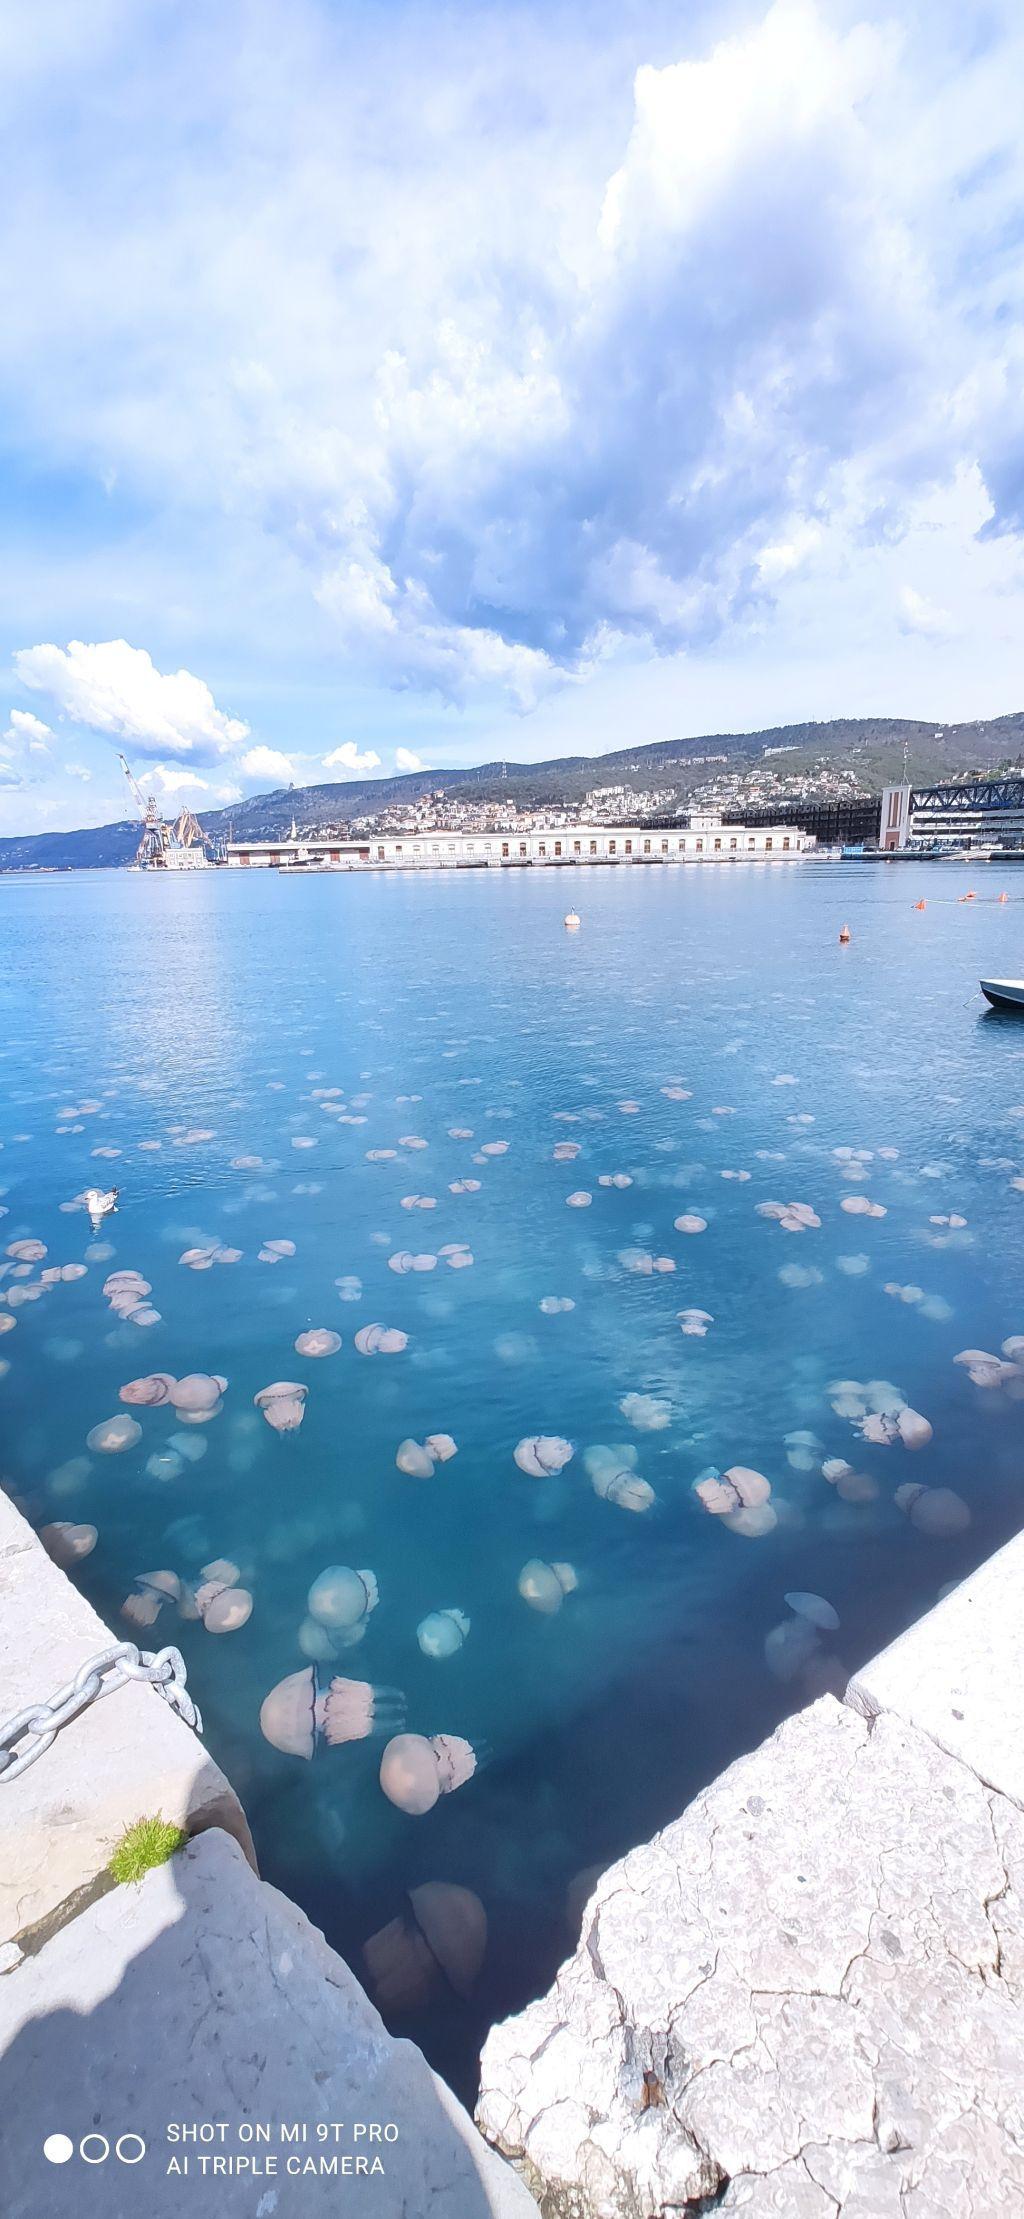 أسراب قناديل البحر الوردية تغزو مدينة ترييستي الايطالية